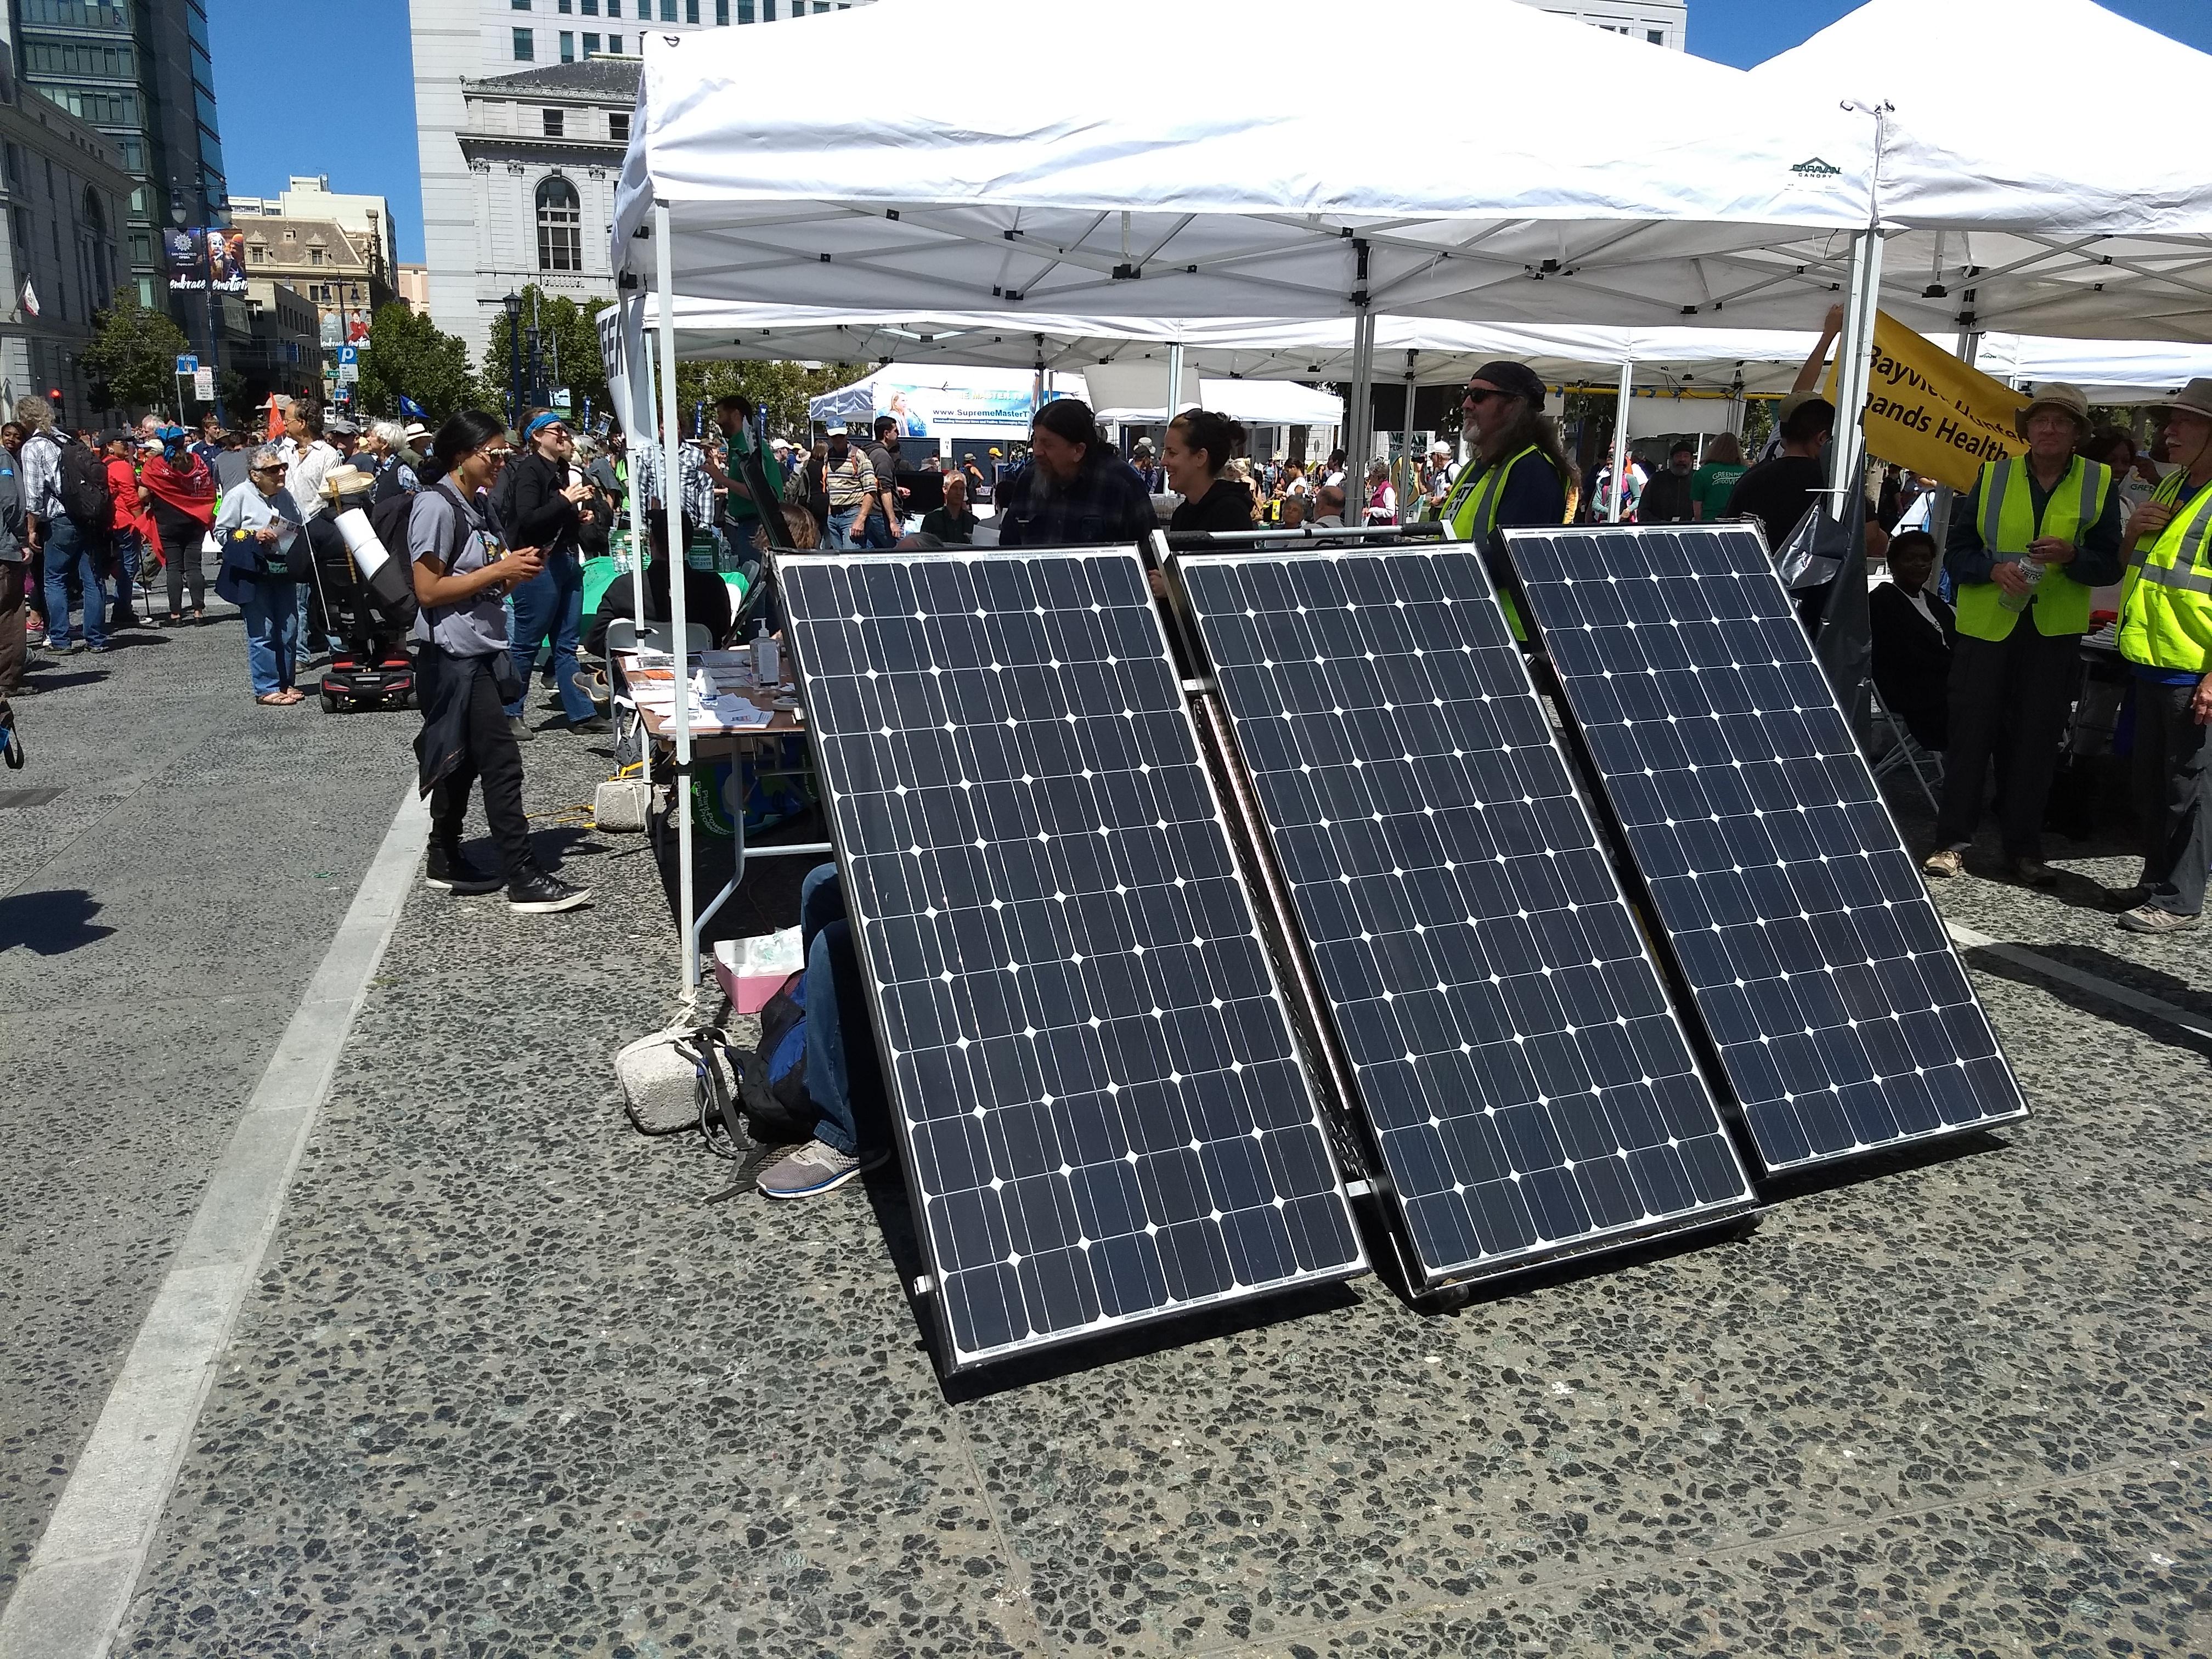 Indigenous Peoples Link Their Development to Clean Energies